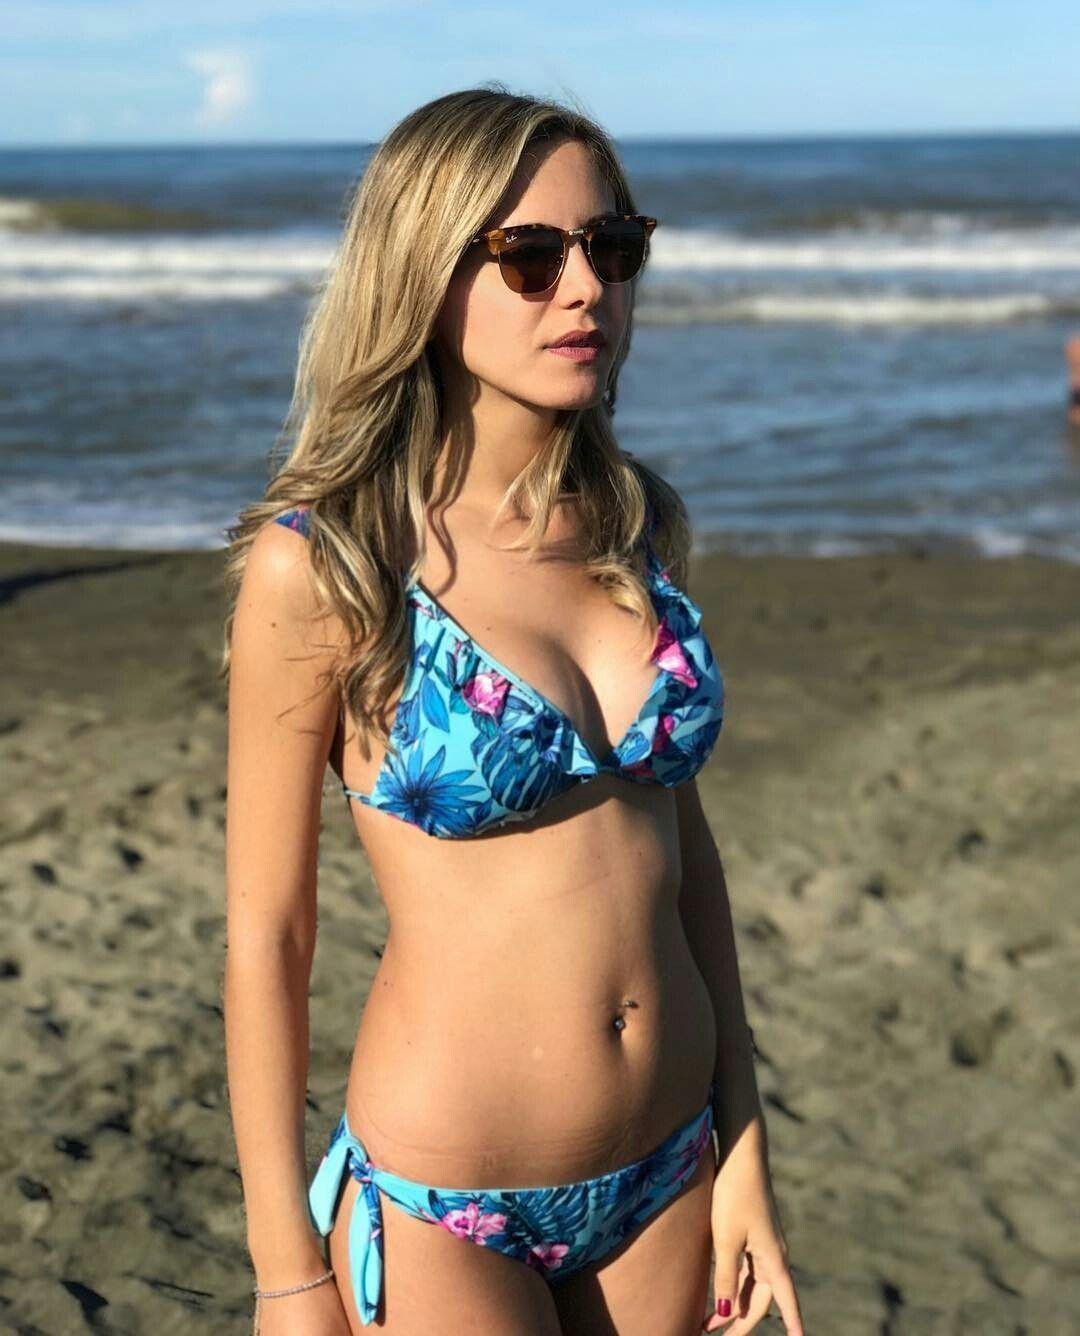 Phrase congratulate, bikini model ambra